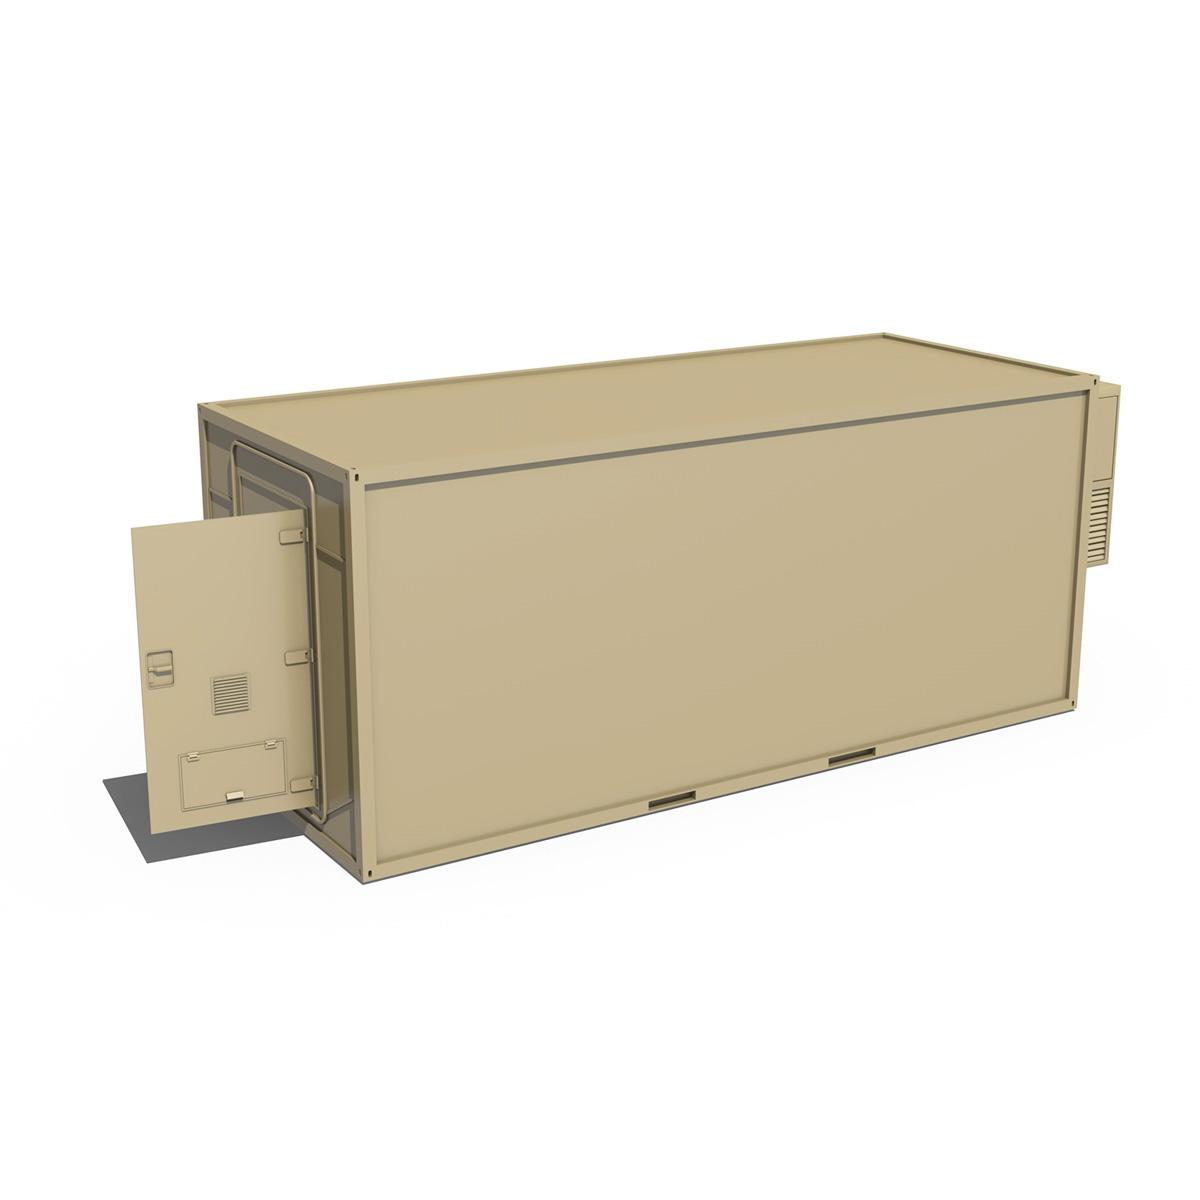 20ft office container version two 3d model 3ds fbx c4d lwo obj 252274